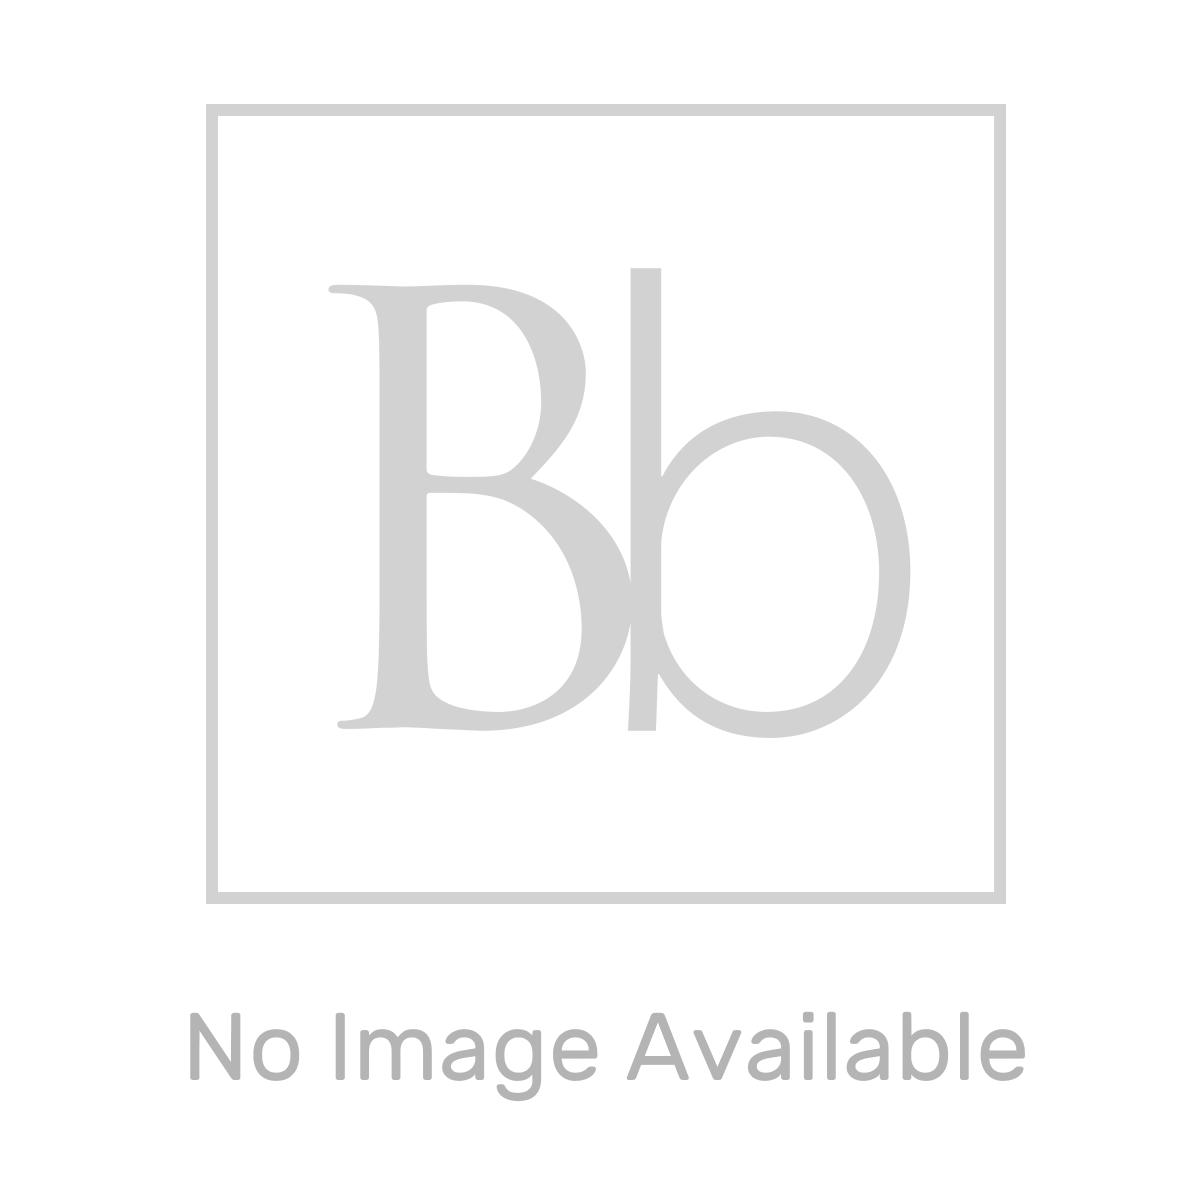 RAK Hades Heated LED Oval Mirror Lifestyle